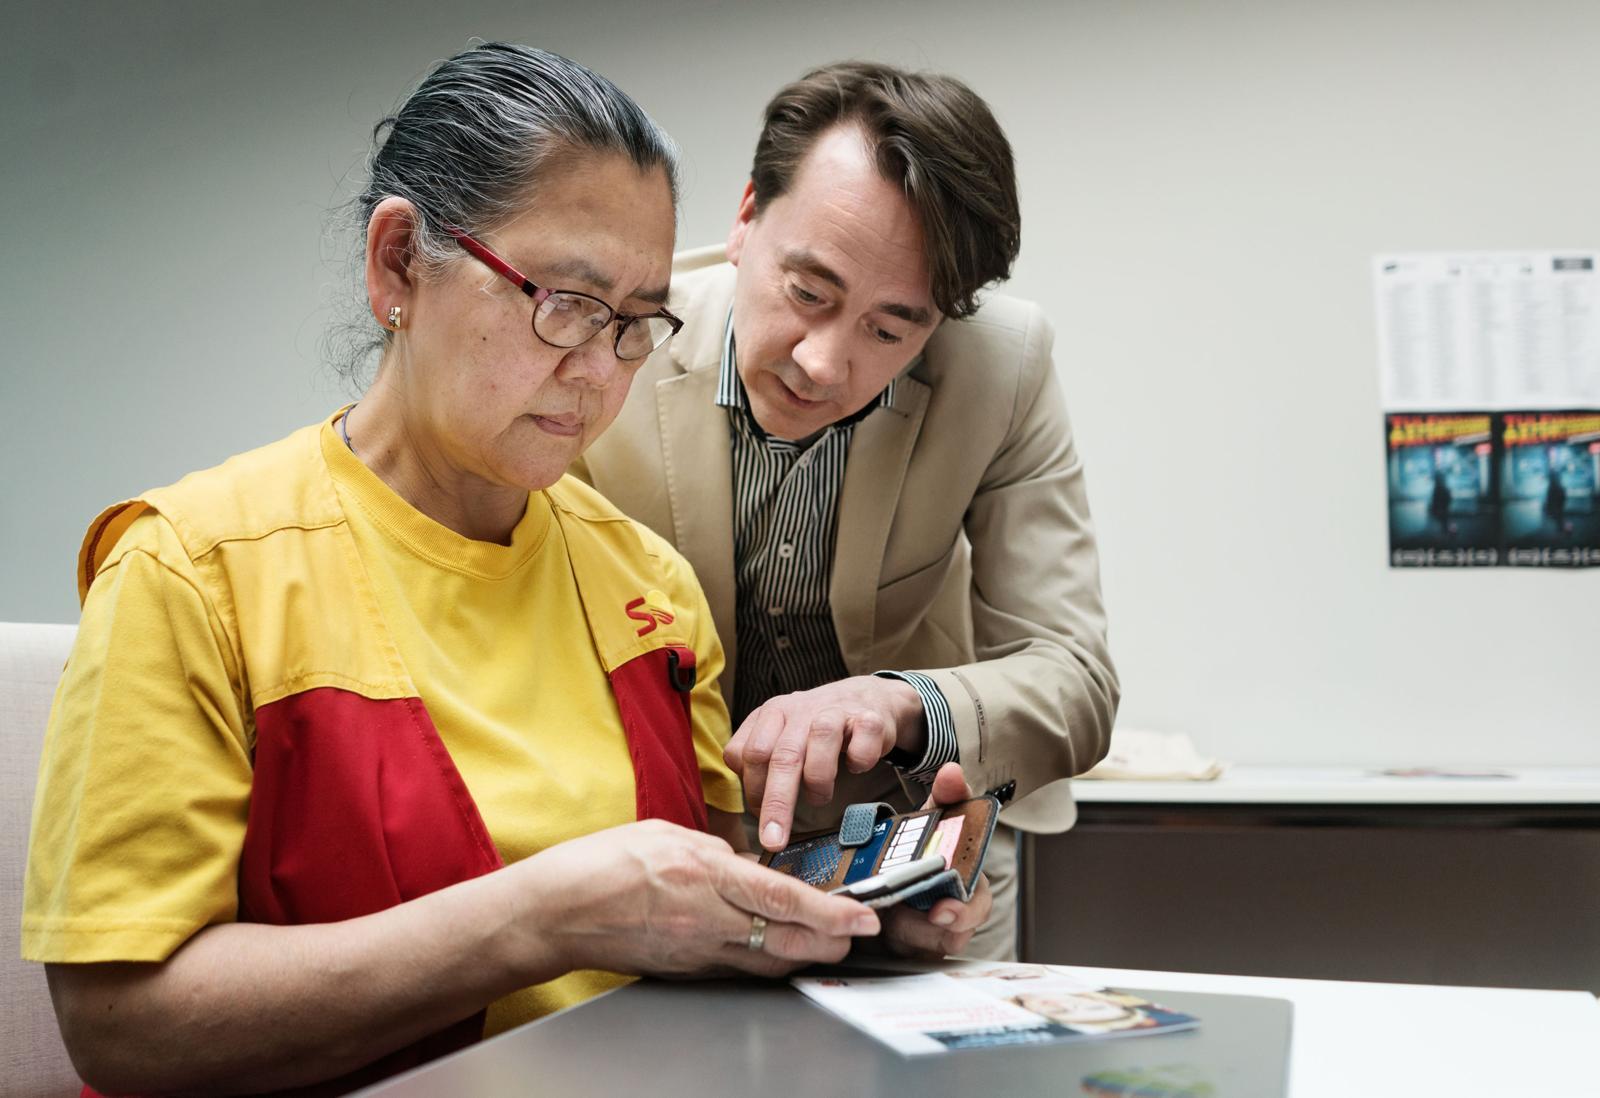 Socorro Cabotaje kysyy, miten kännykällä äänestetään meneillään olevissa liittovaaleissa. PAMin sopimusasiantuntija Raimo Hoikkala kertoo, että tarvitaan vain pankkitunnukset ja ehdokkaan numero. Kuva: Jukka Rapo